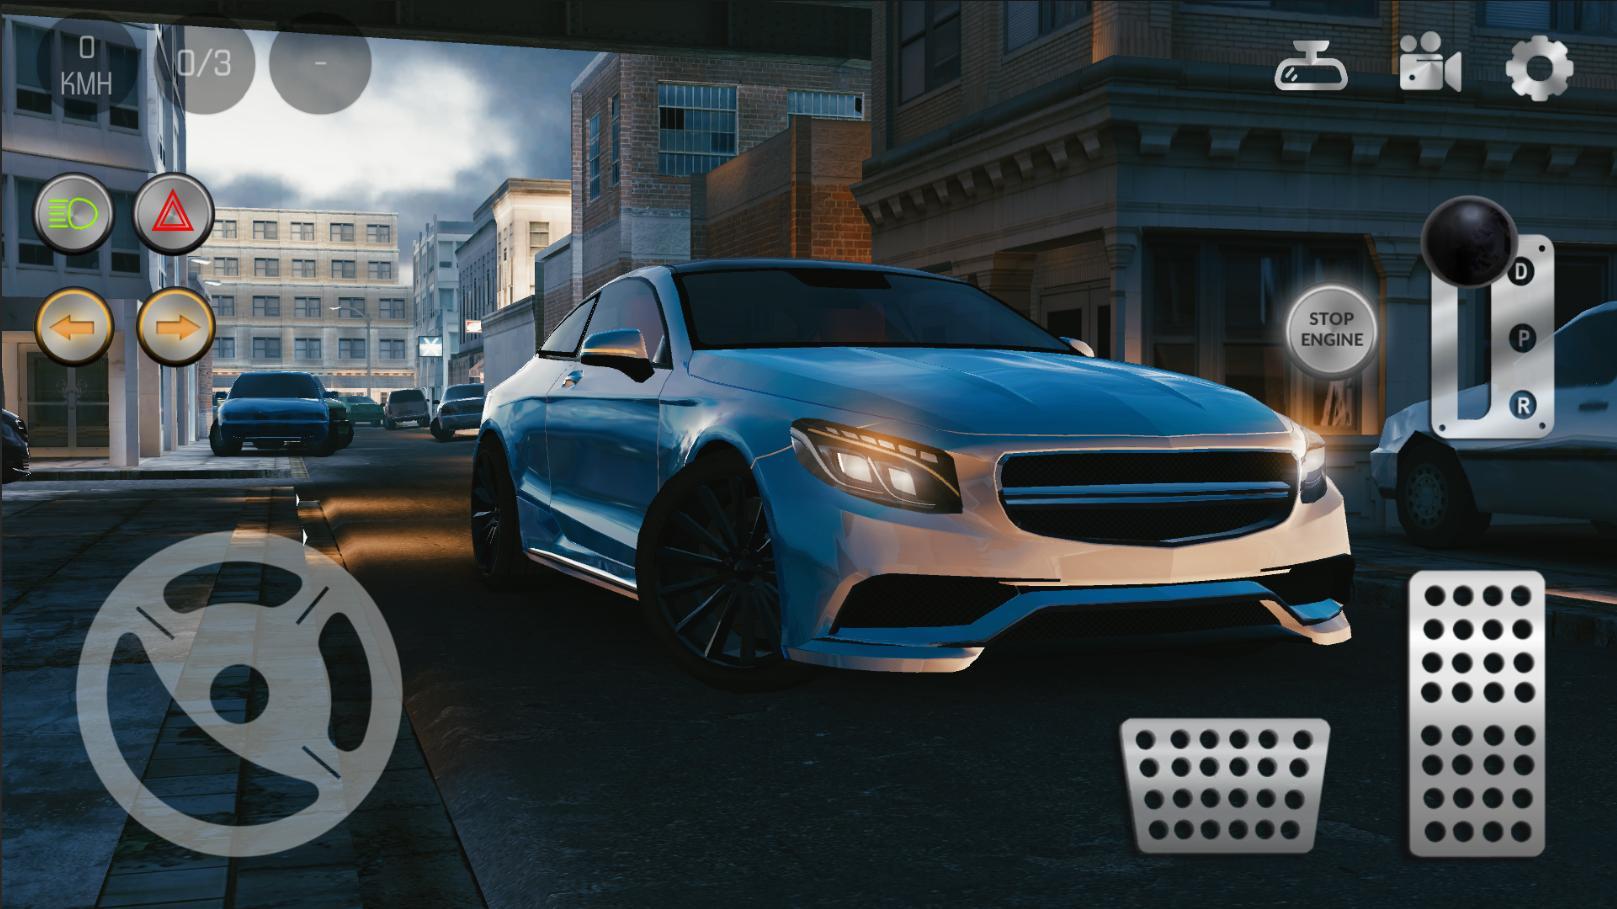 真实泊车2 Real Car Parking 2:目前画质最高的泊车游戏,真实到让人瑟瑟发抖